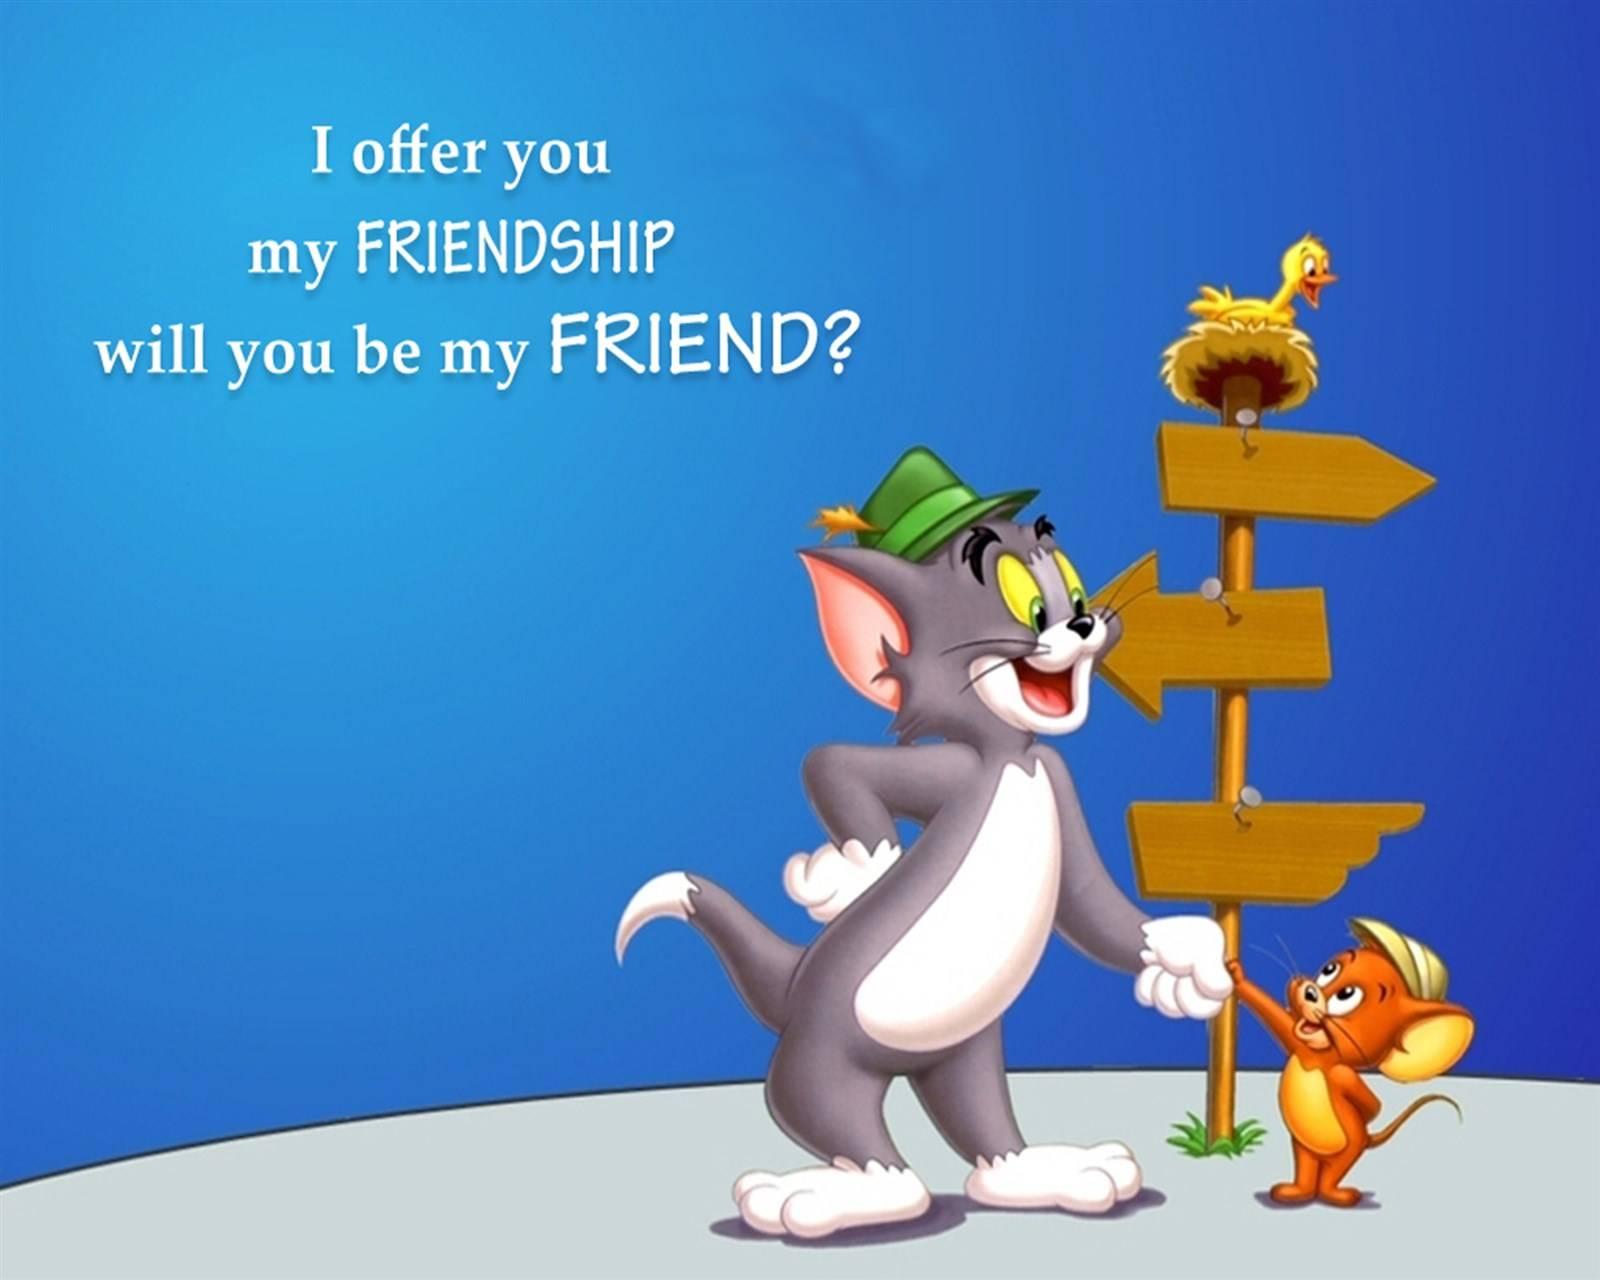 I Offer You